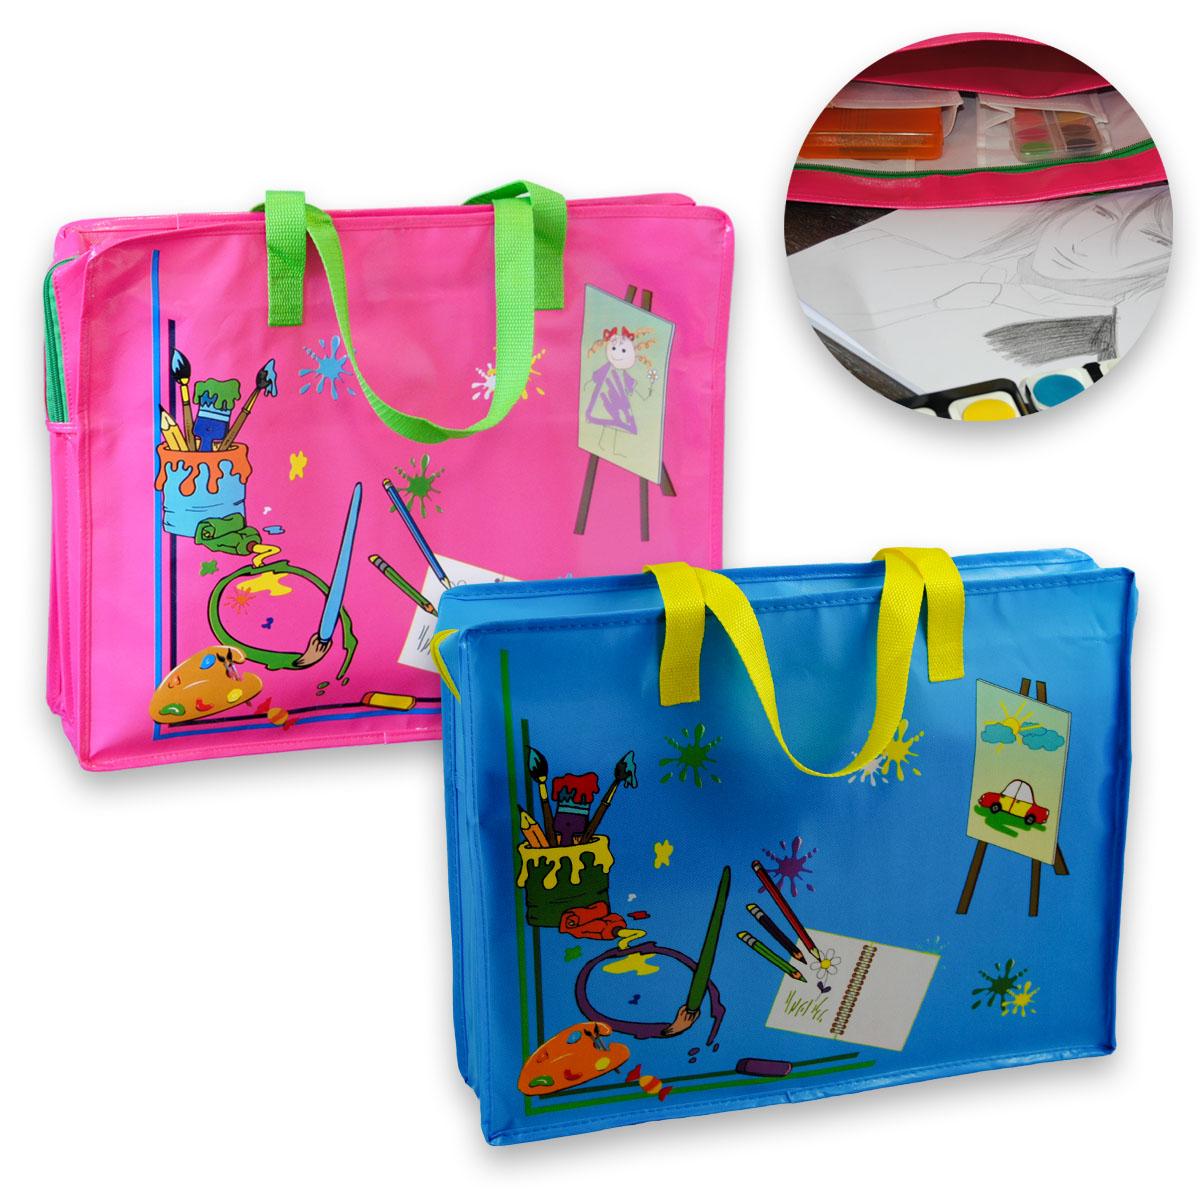 Mal- und Zeichentasche 46 x 36 cm groß, in trendigen Farben Image